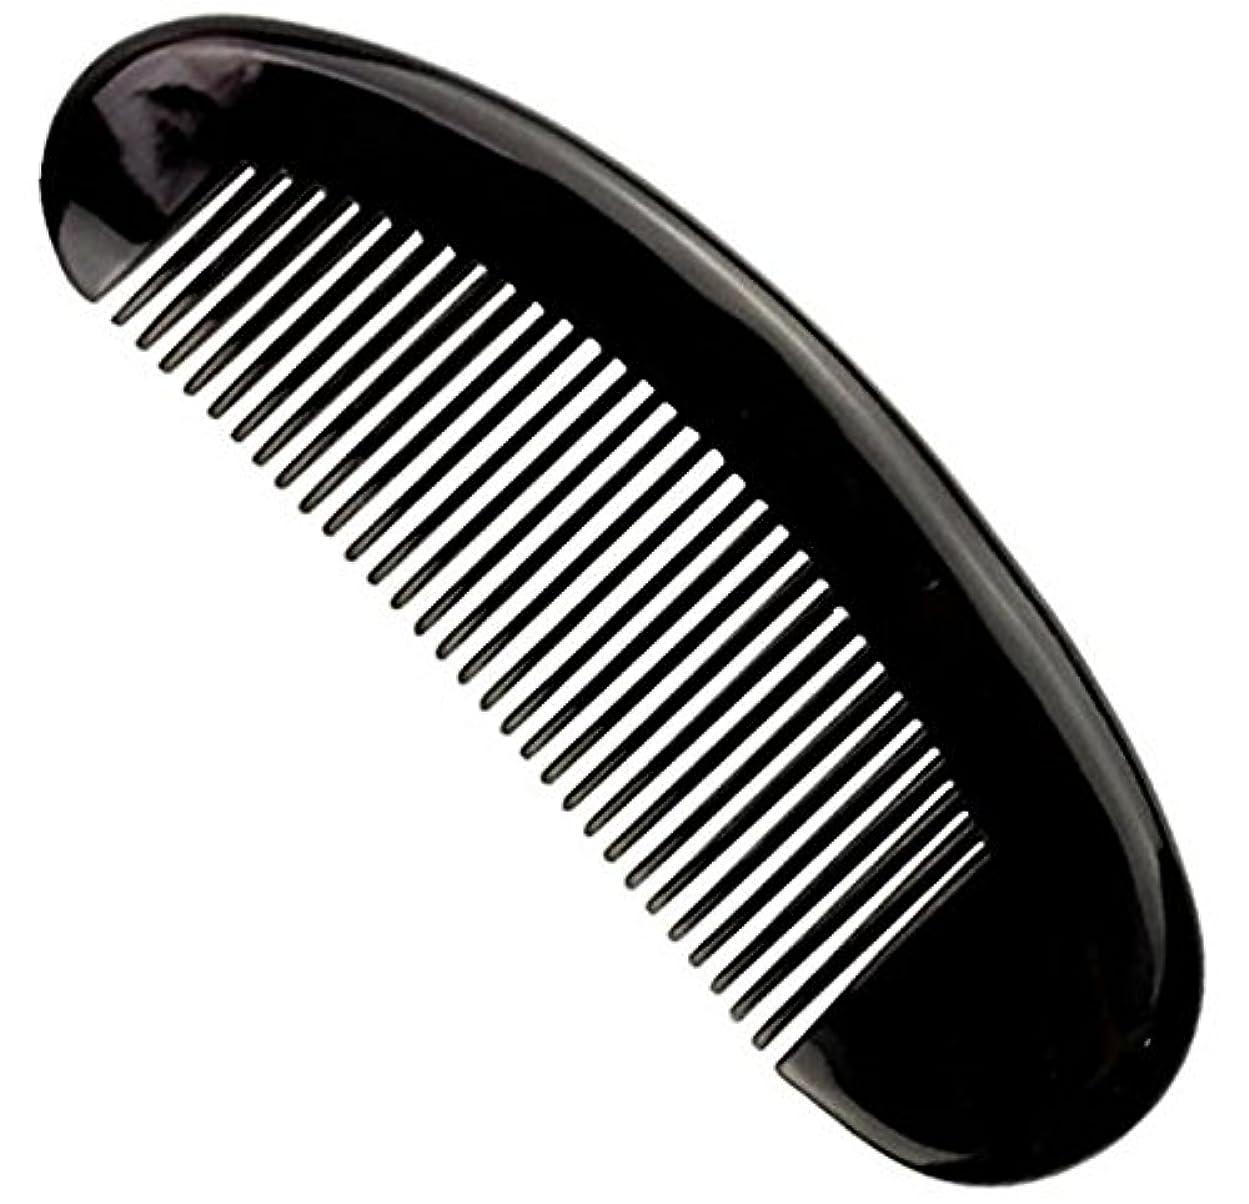 オーナメント聖域シネマ櫛型 プロも使う牛角かっさプレー マサージ用 血行改善 高級 天然 静電気防止 美髪 美顔 ボディ リンパマッサージ